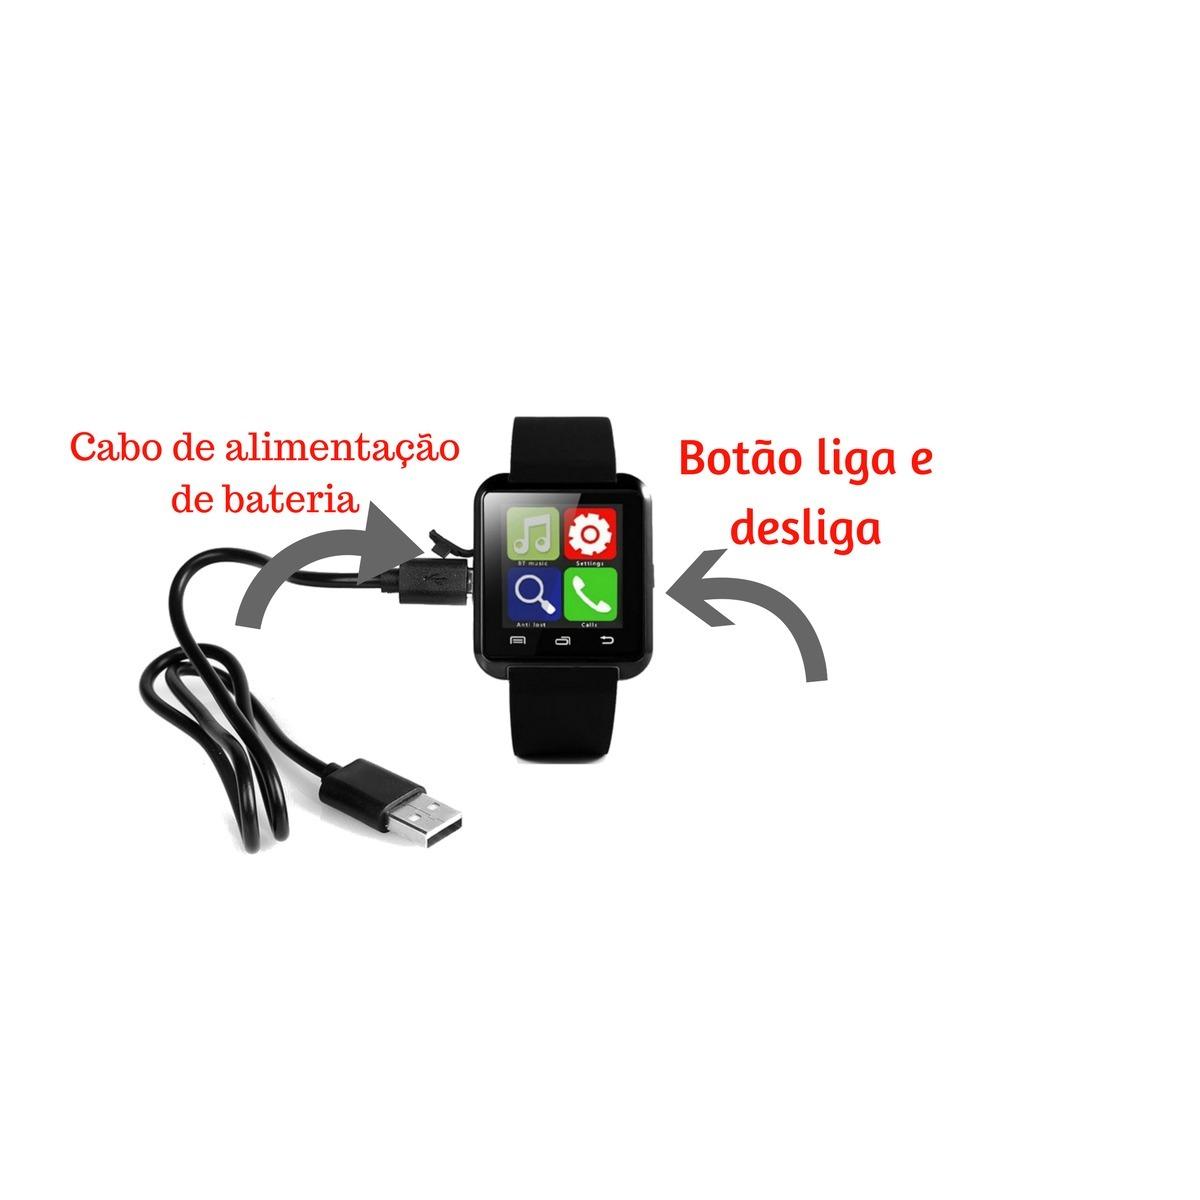 97cb98f7ade89 relógio pulso masculino digital bluetooth android - promoção. Carregando  zoom.